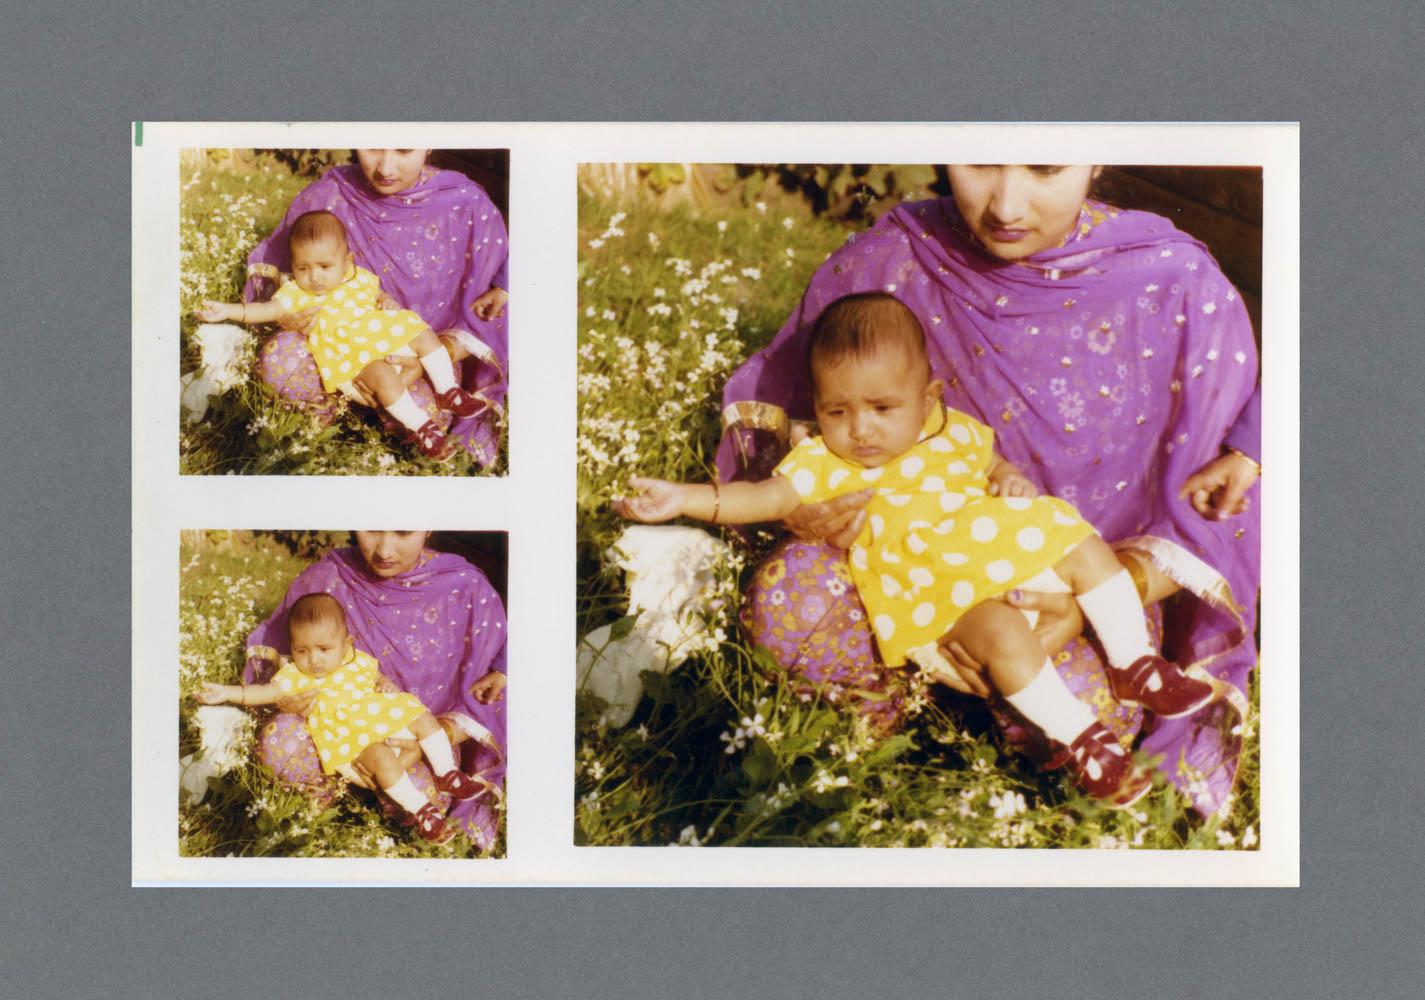 Burleigh Rd. c.1972